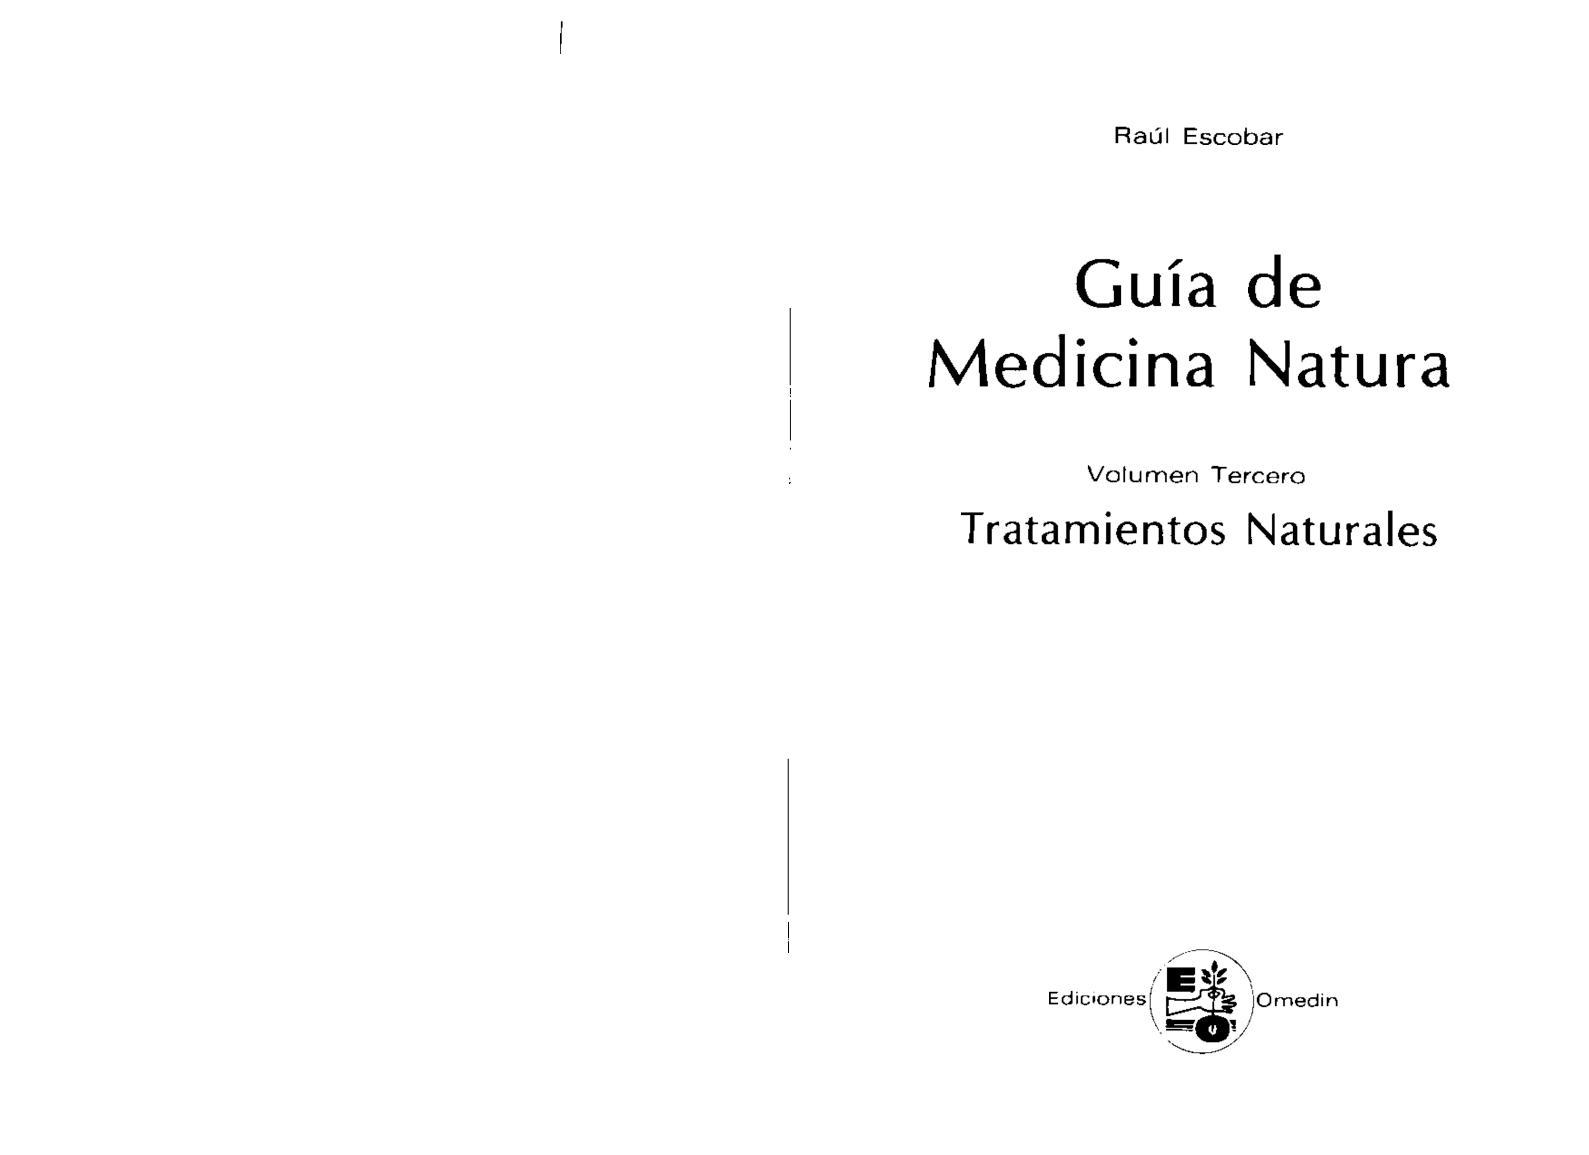 Calaméo - Guia De Medicina Natural Vol Iii Raul Escobar